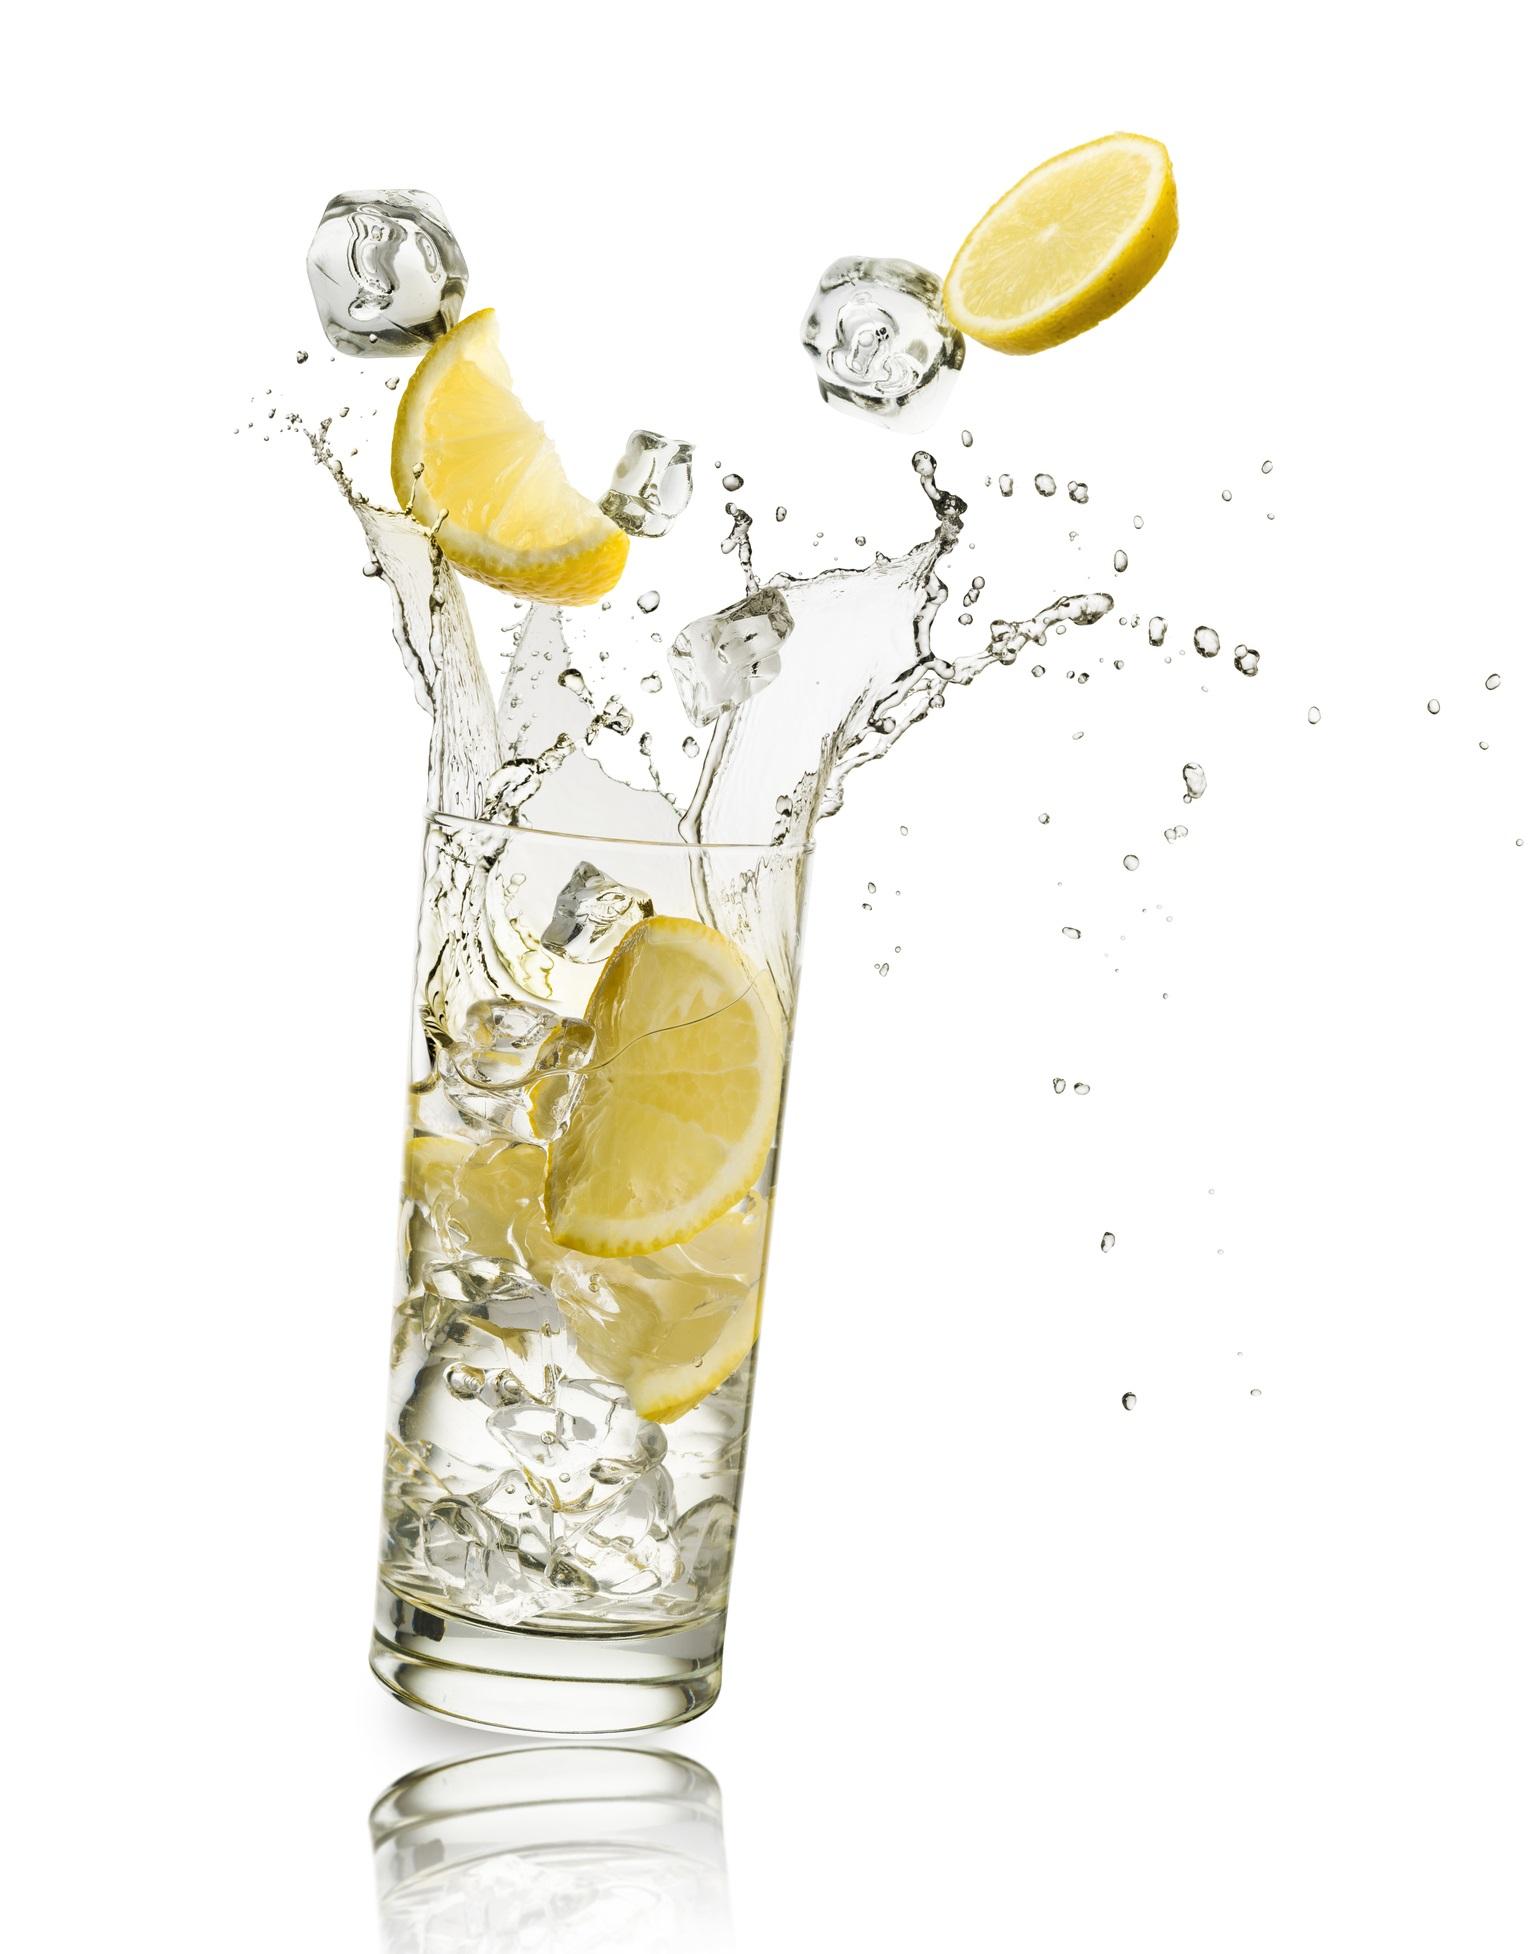 <p><strong>Вода</strong></p>  <p>Задържането на вода е една от основните причини за дебело коремче, така че поддържайте тялото си хидратирано. Водата засилва метаболизма, така че дръжте шише с вода до себе си.</p>